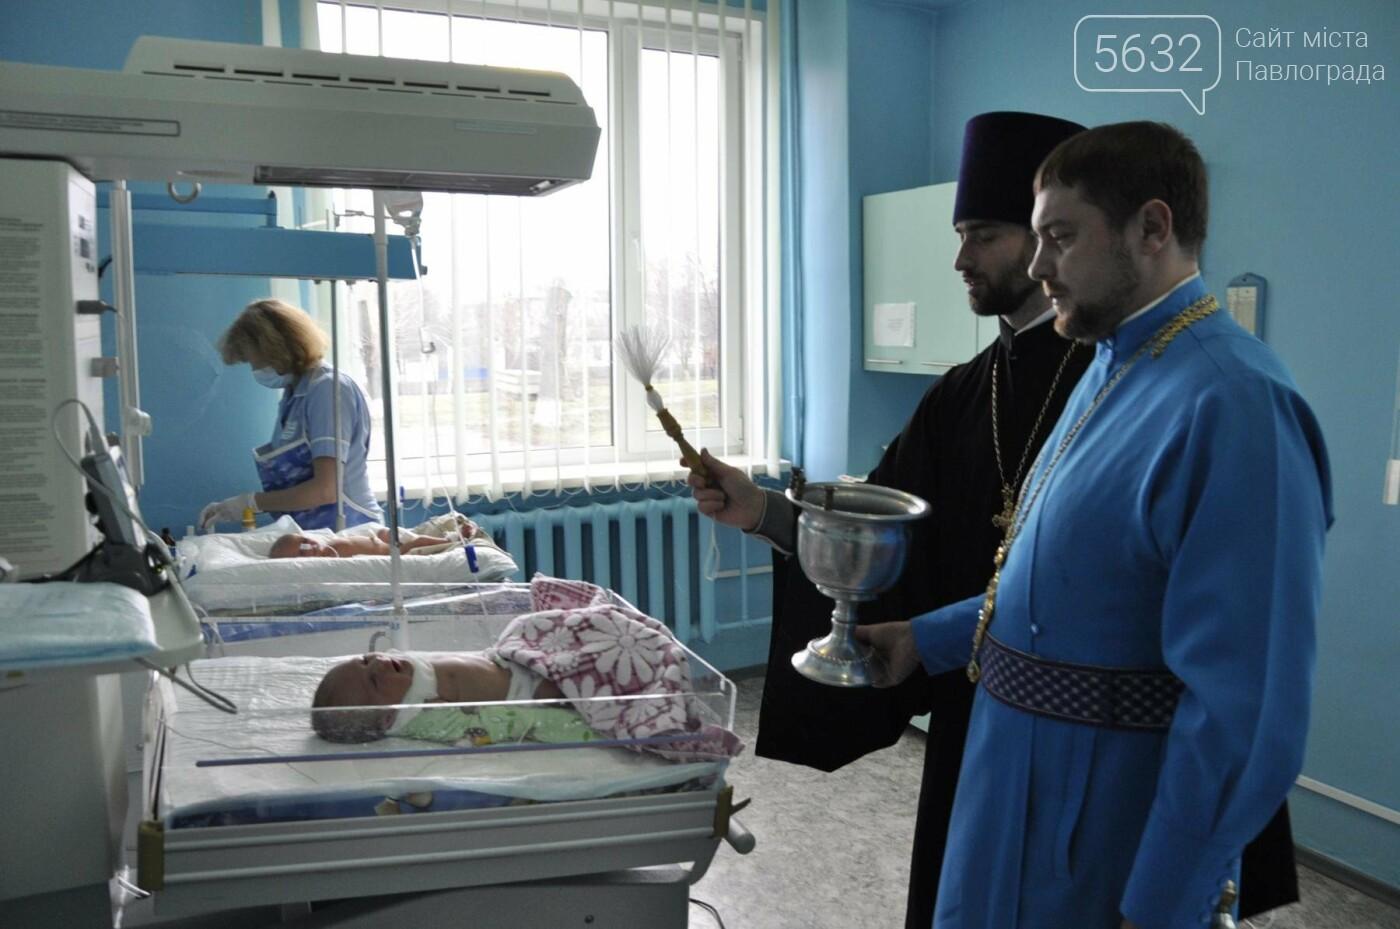 В Павлограде впервые за 20 лет на Рождество родилась двойня, фото-7